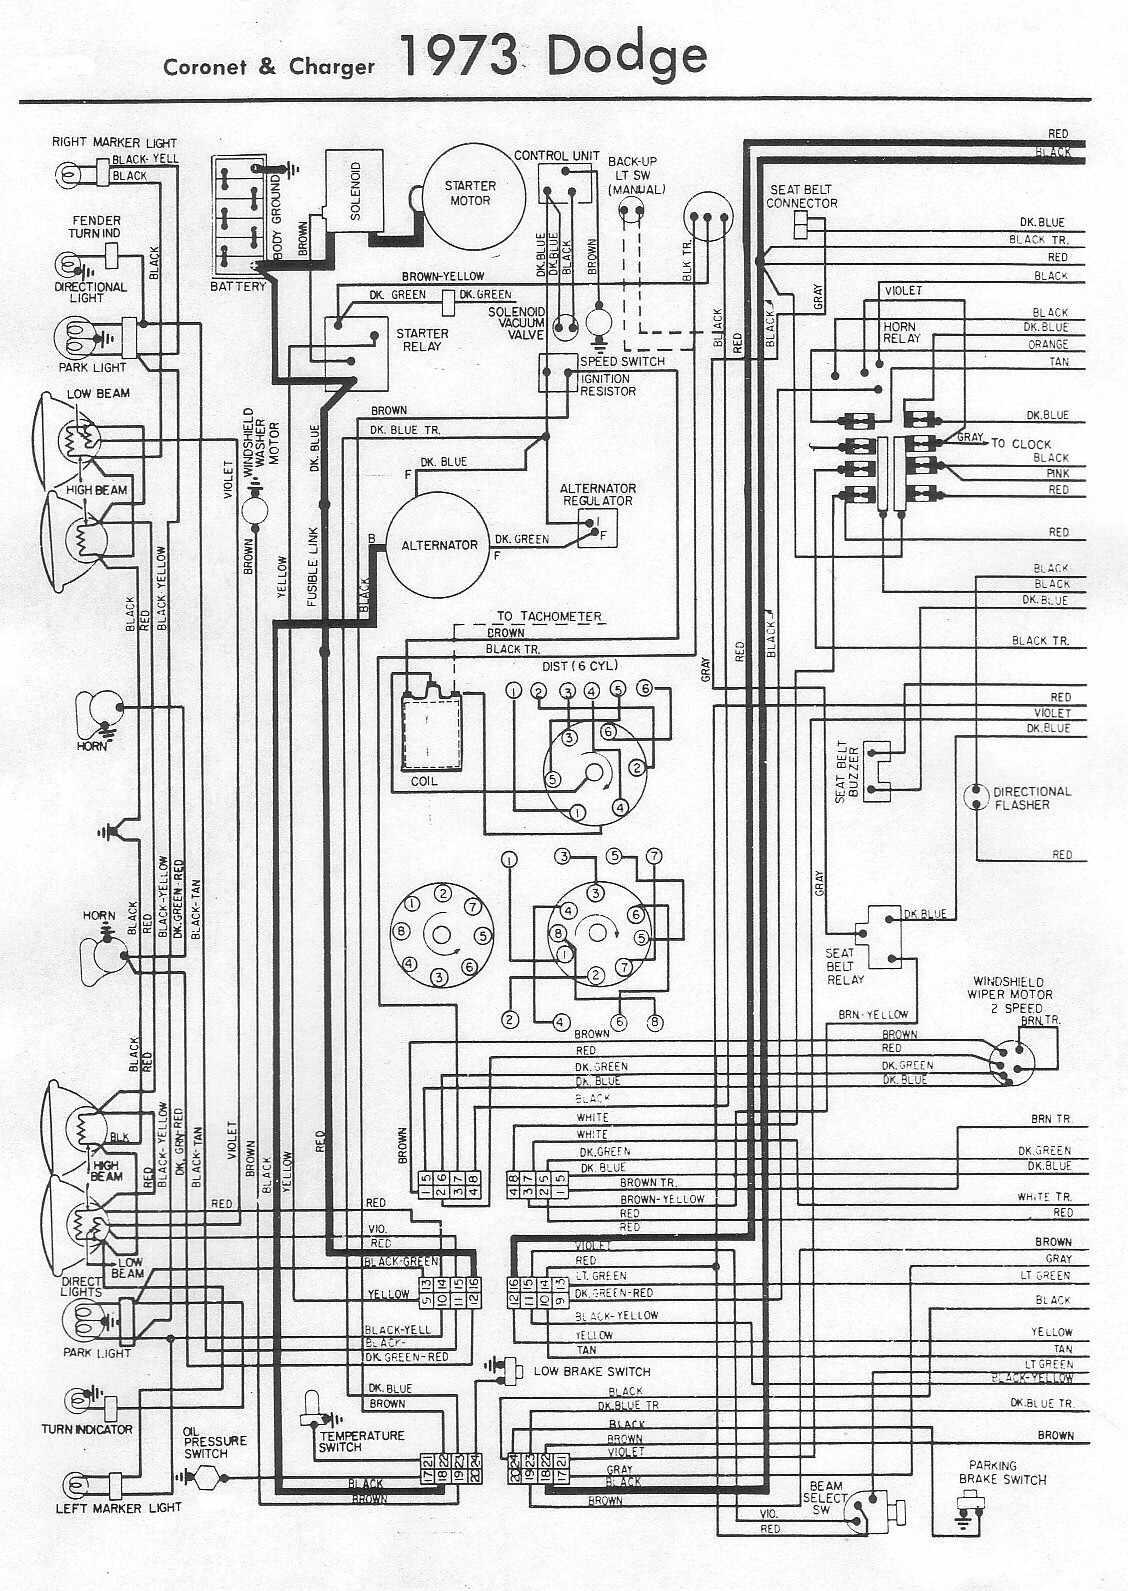 1973 Dodge Challenger Wiring Schematic | Wiring Diagram